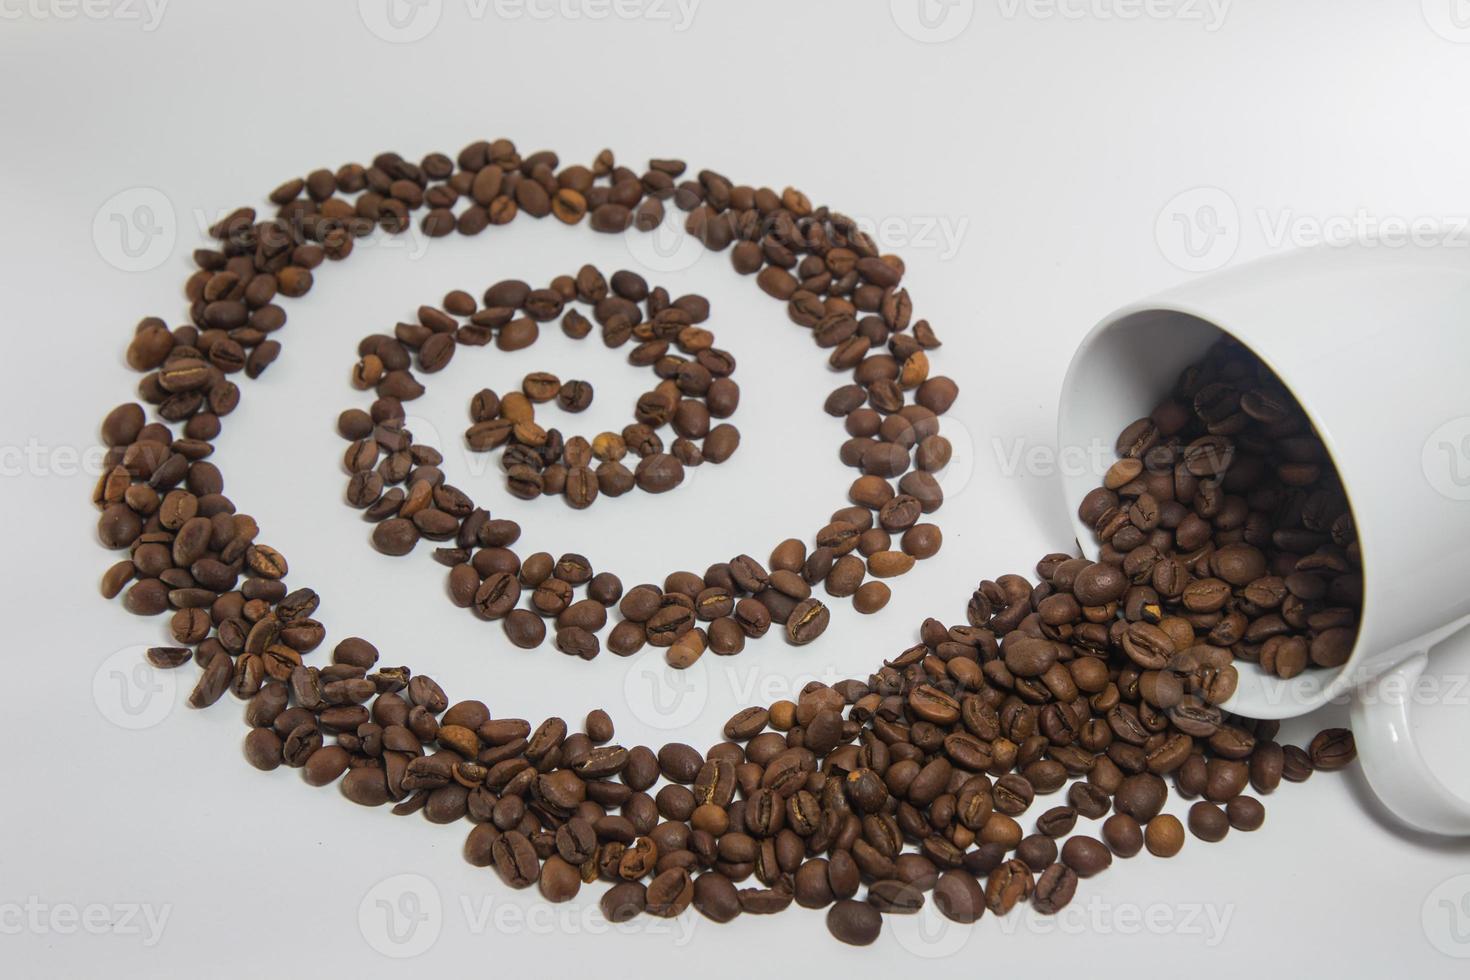 verschüttete Kaffeebohnen foto